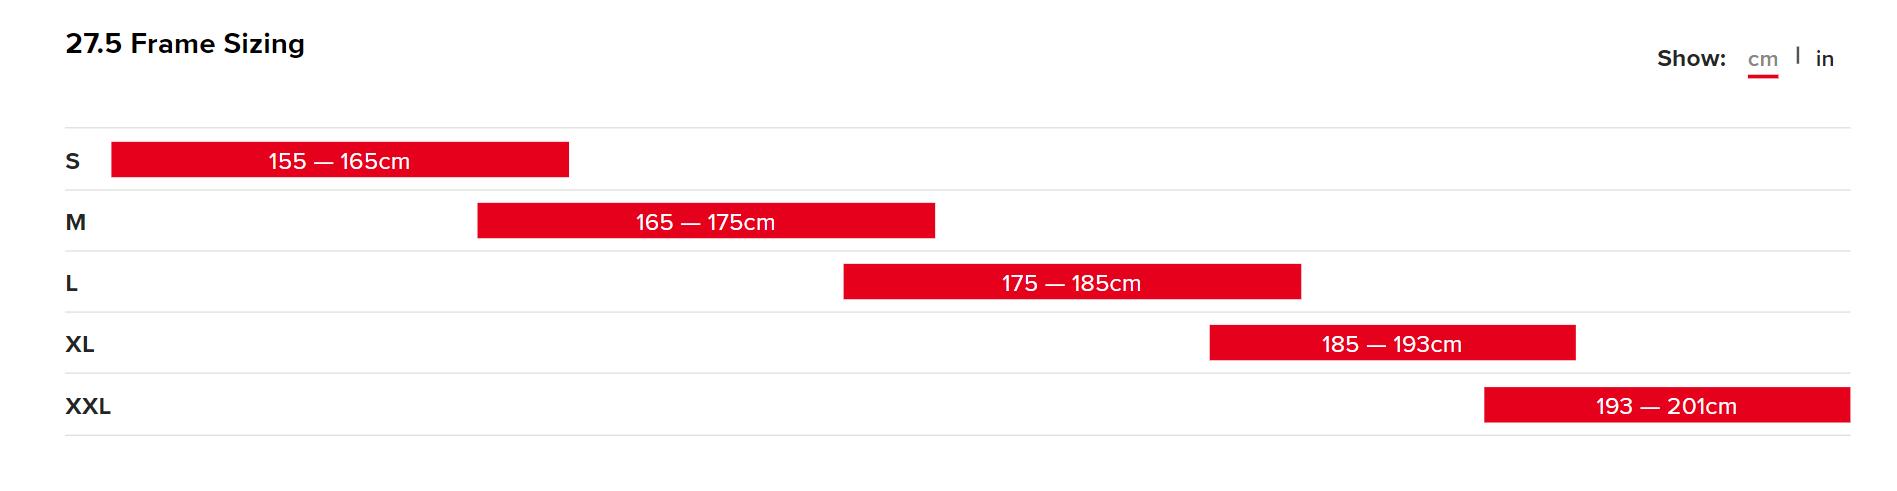 The Santa Cruz Heckler Bike Size Chart in Centimetres (CM)